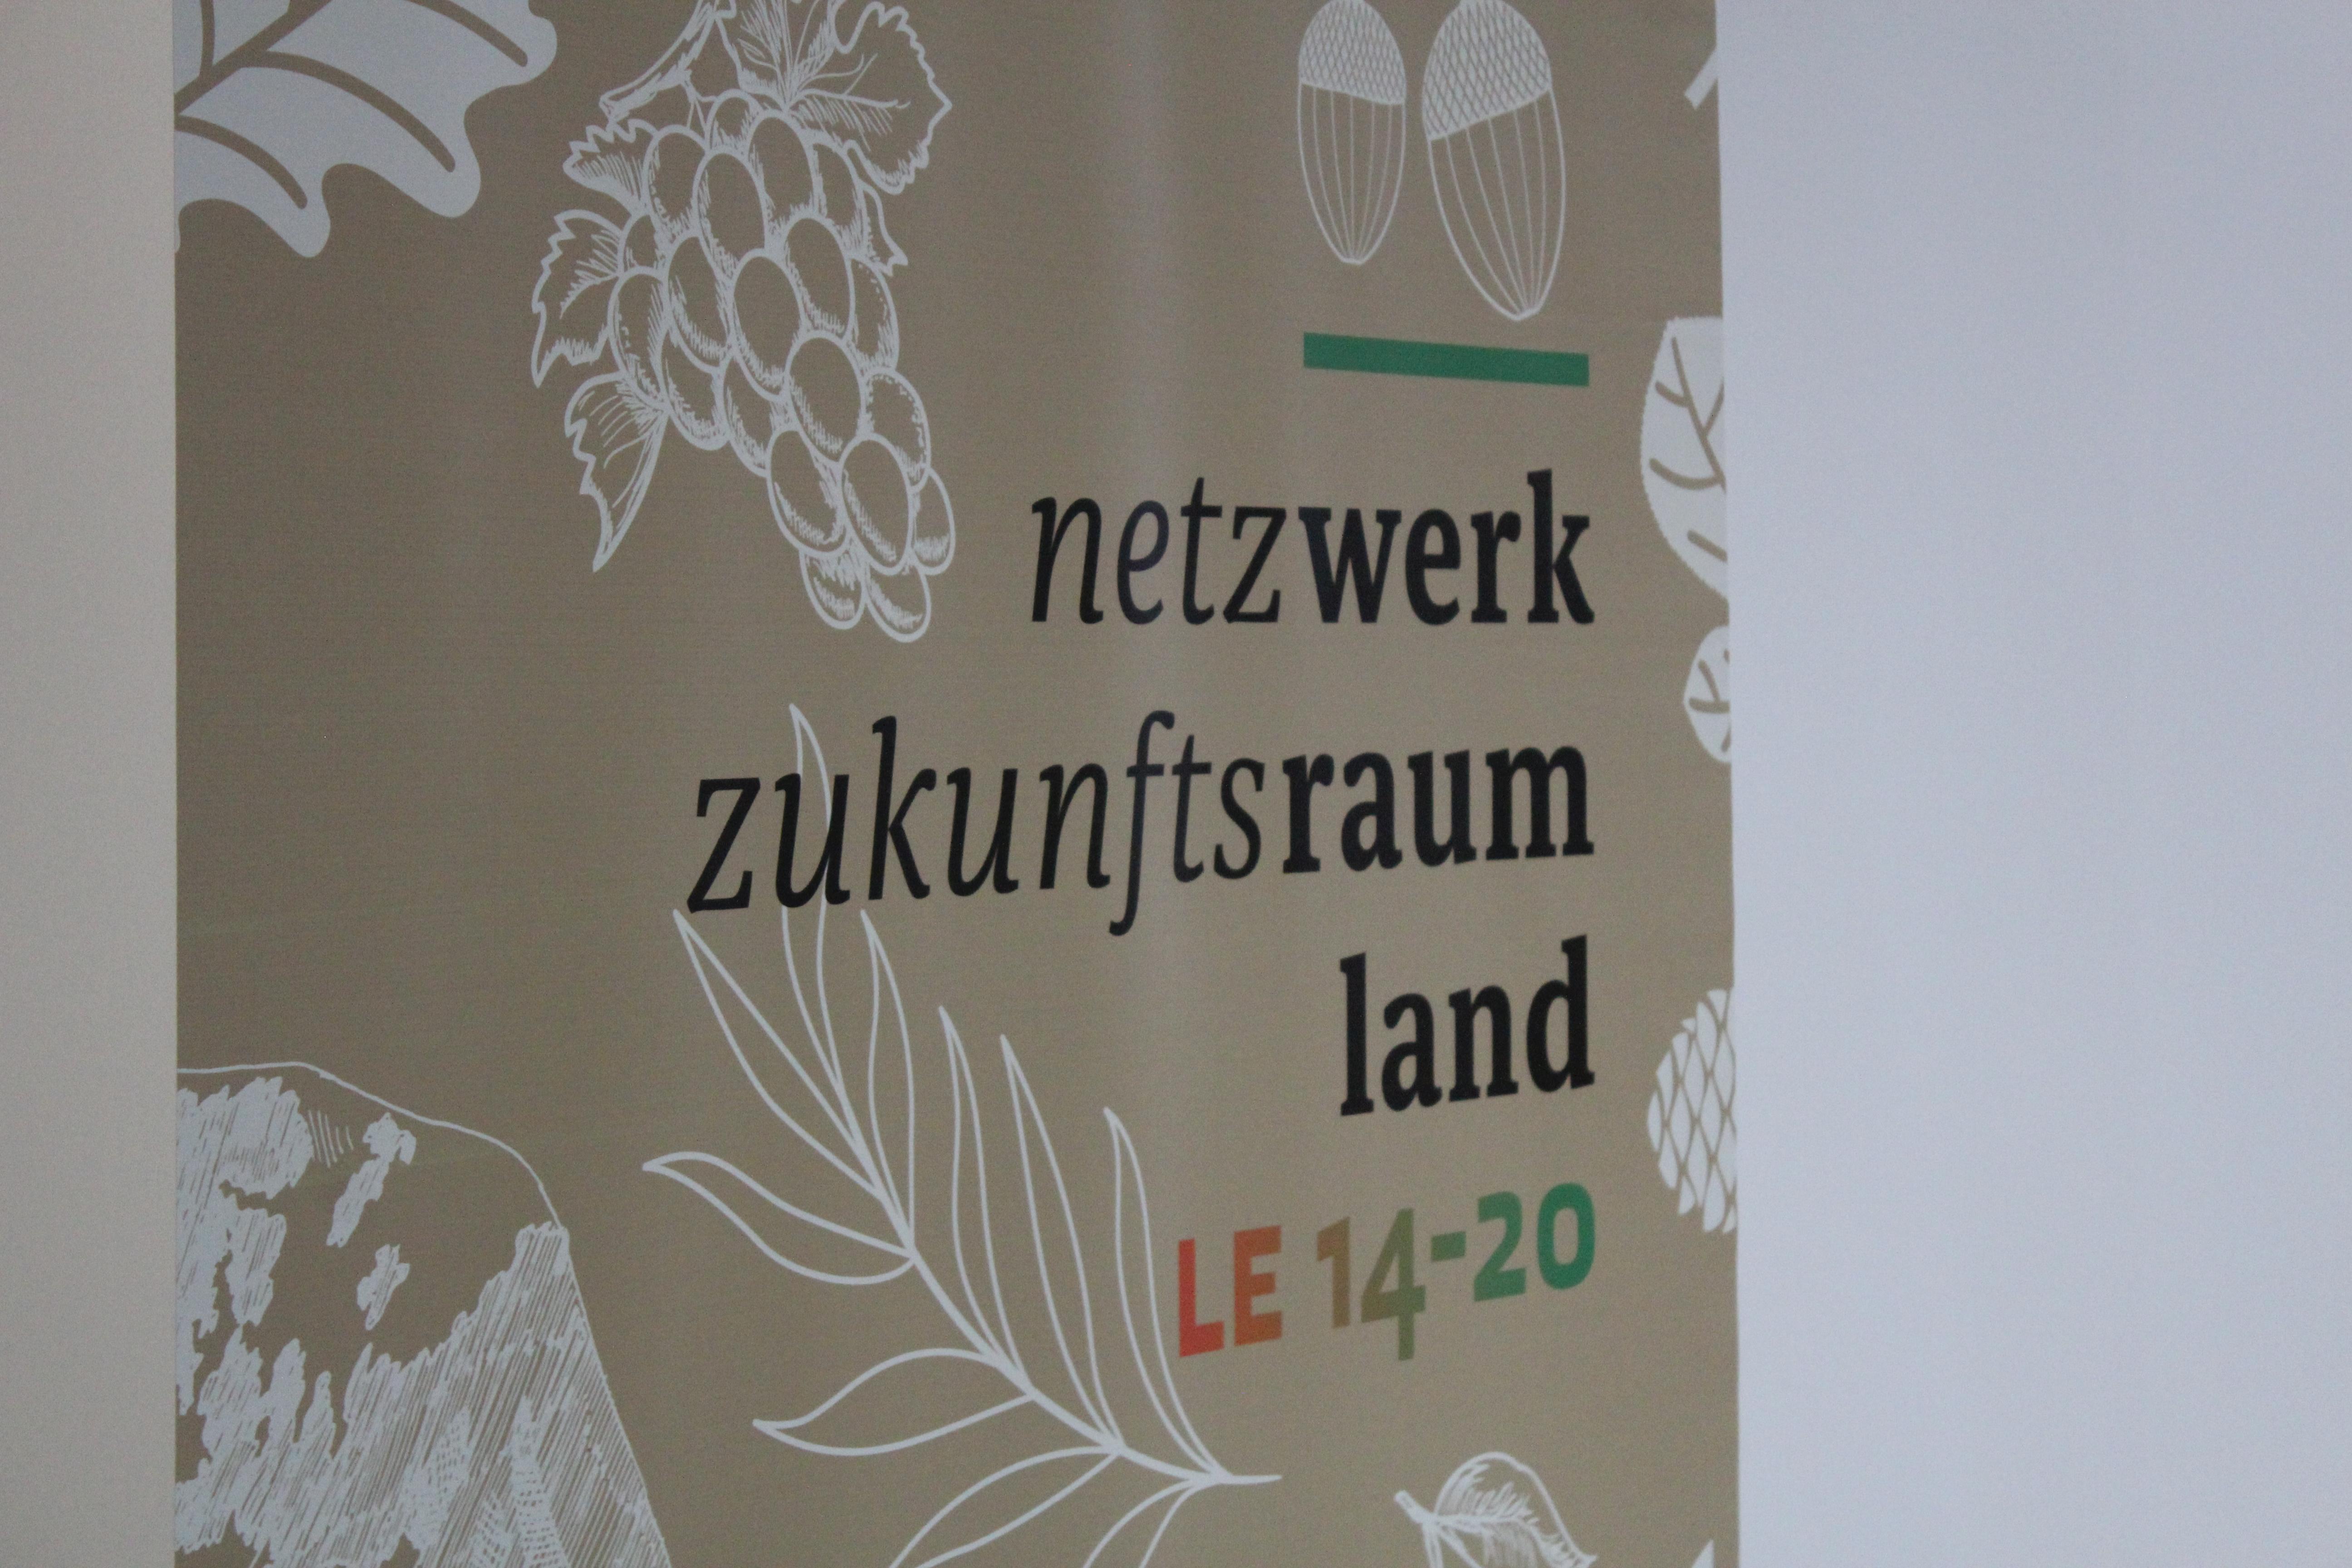 Netzwerk Zukunfstraum Land